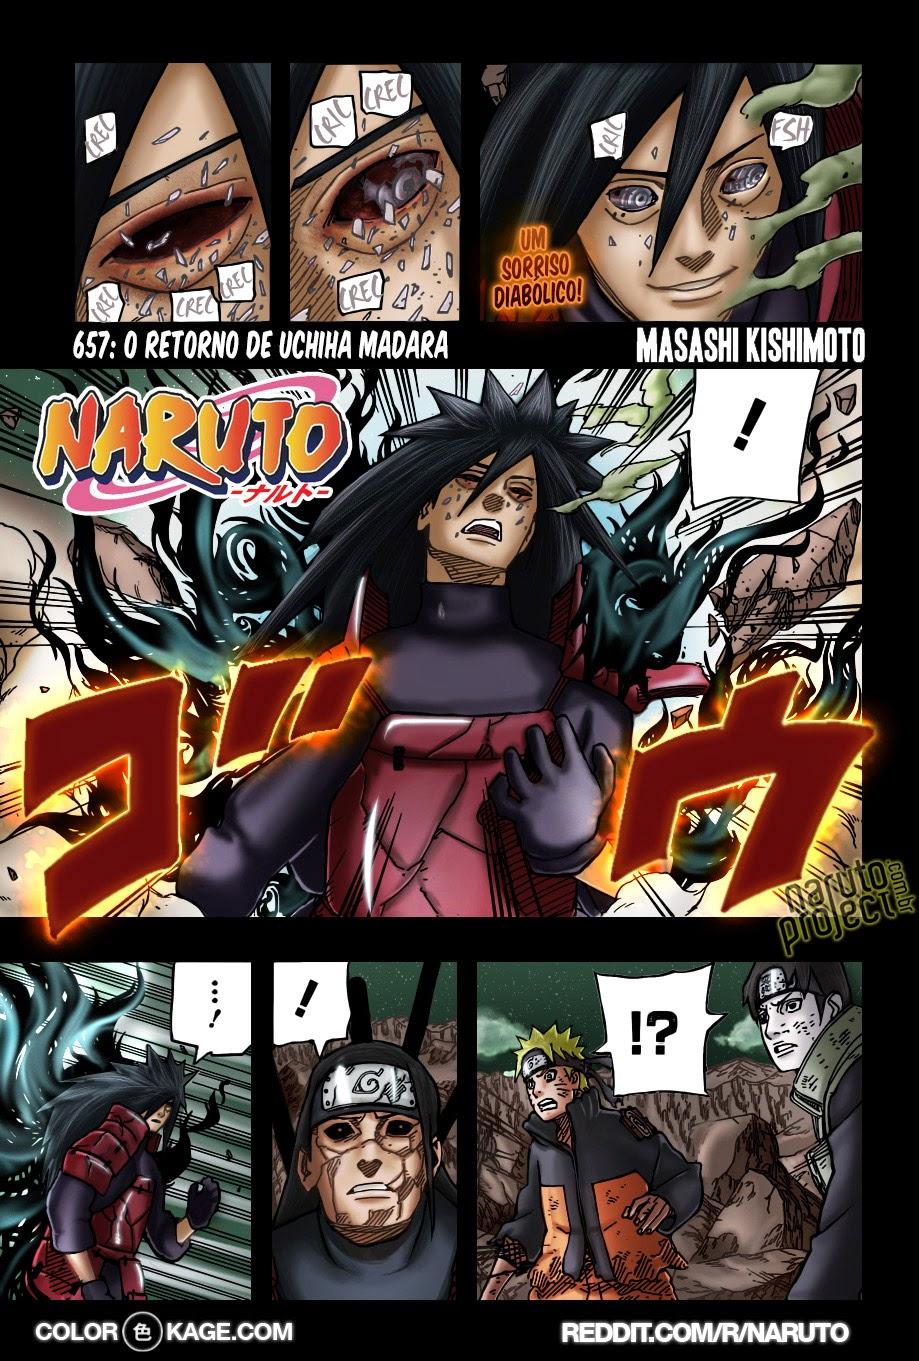 Naruto 657 Mangá Colorido em português leitura online